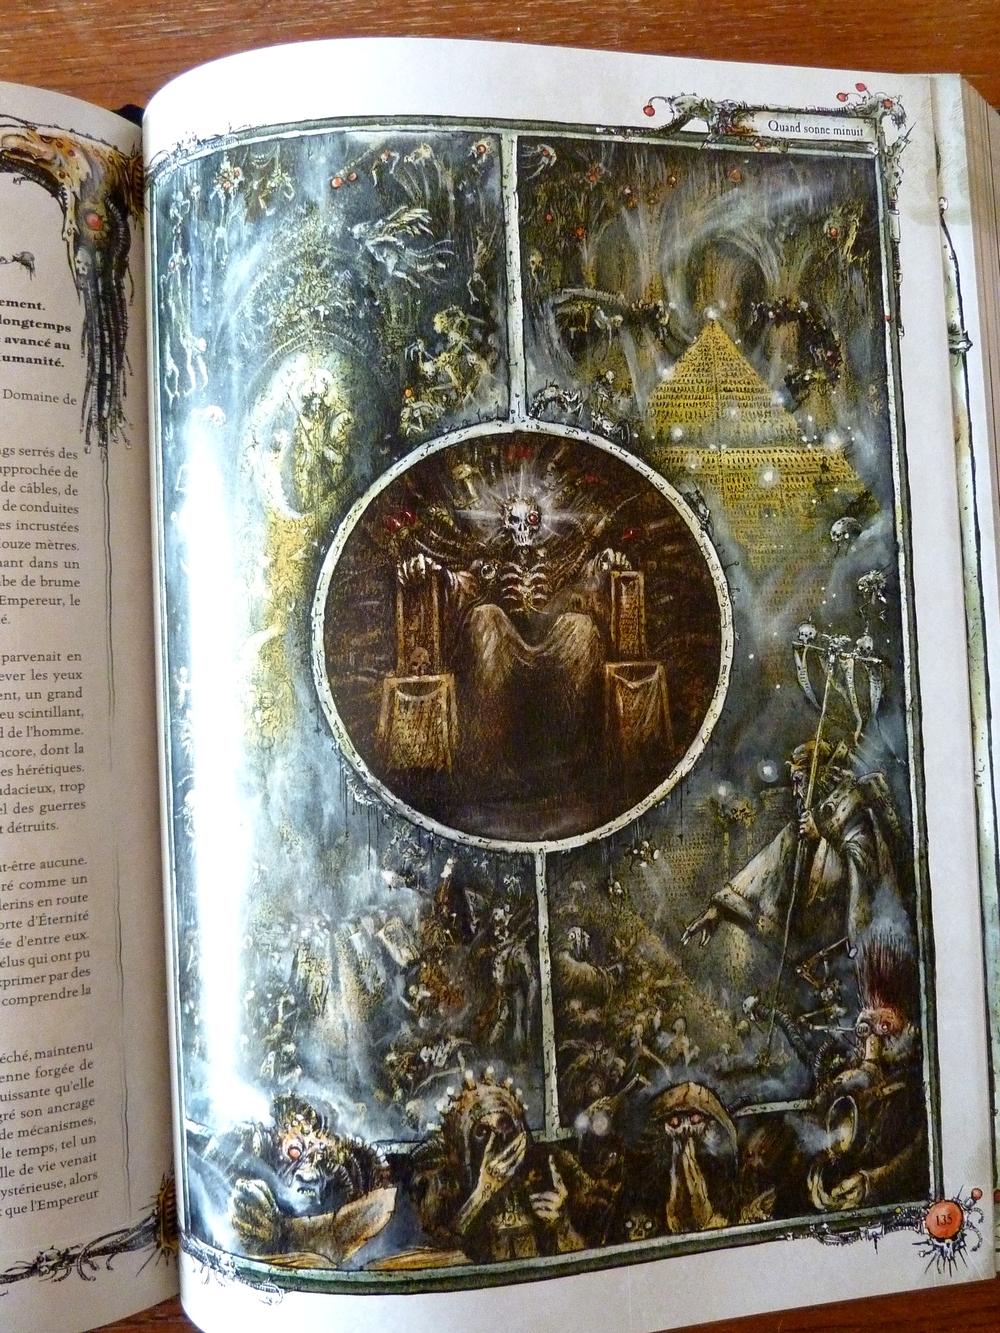 Le Livre de Règles de Warhammer 40,000 - V6 (Topic officiel) 401652Livre8